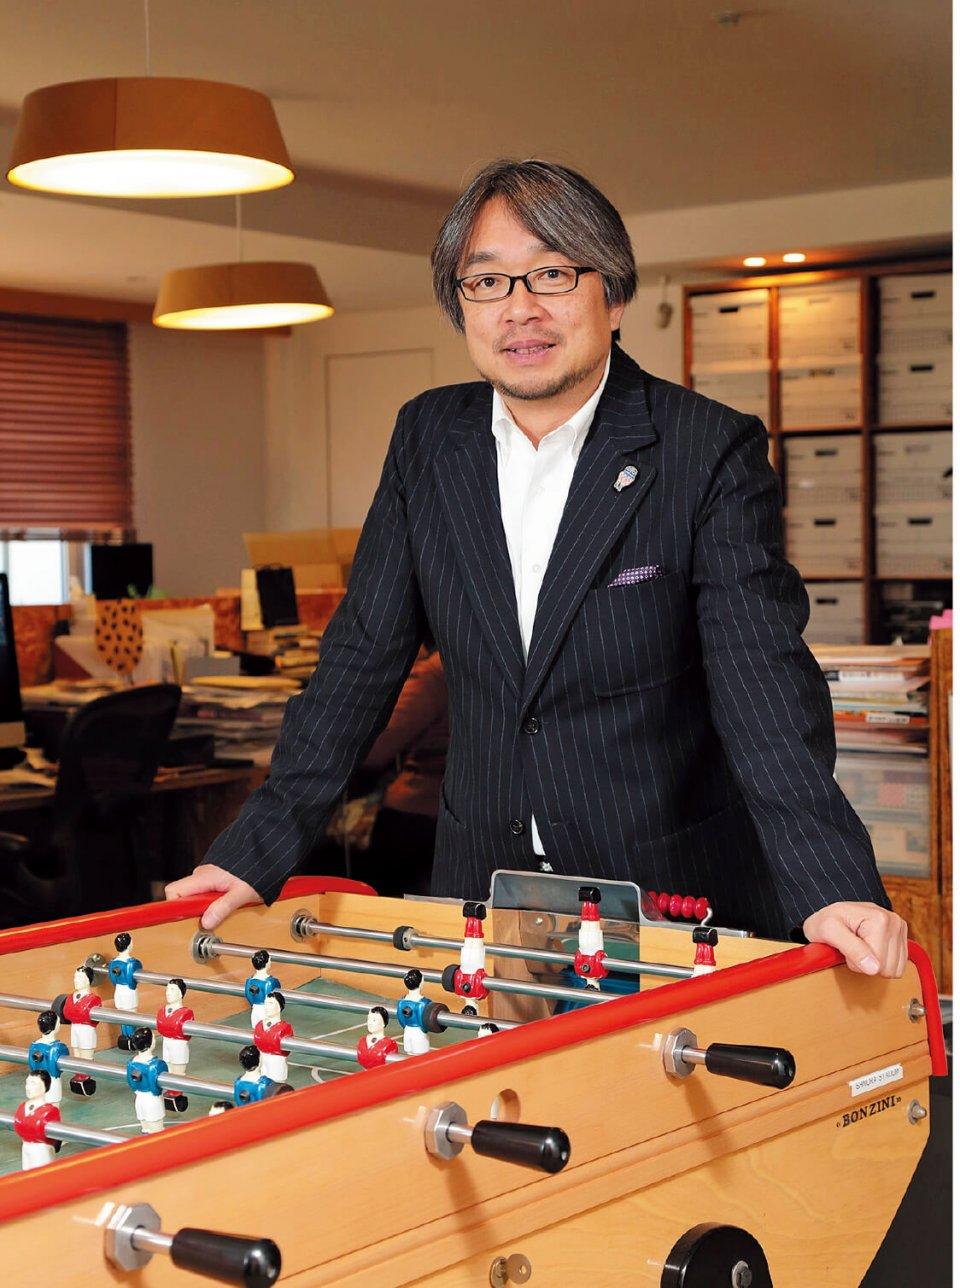 いくつもの事業を成功に導いてきた小山さん。その企画の根底にあるのはとてもシンプルな思いだ